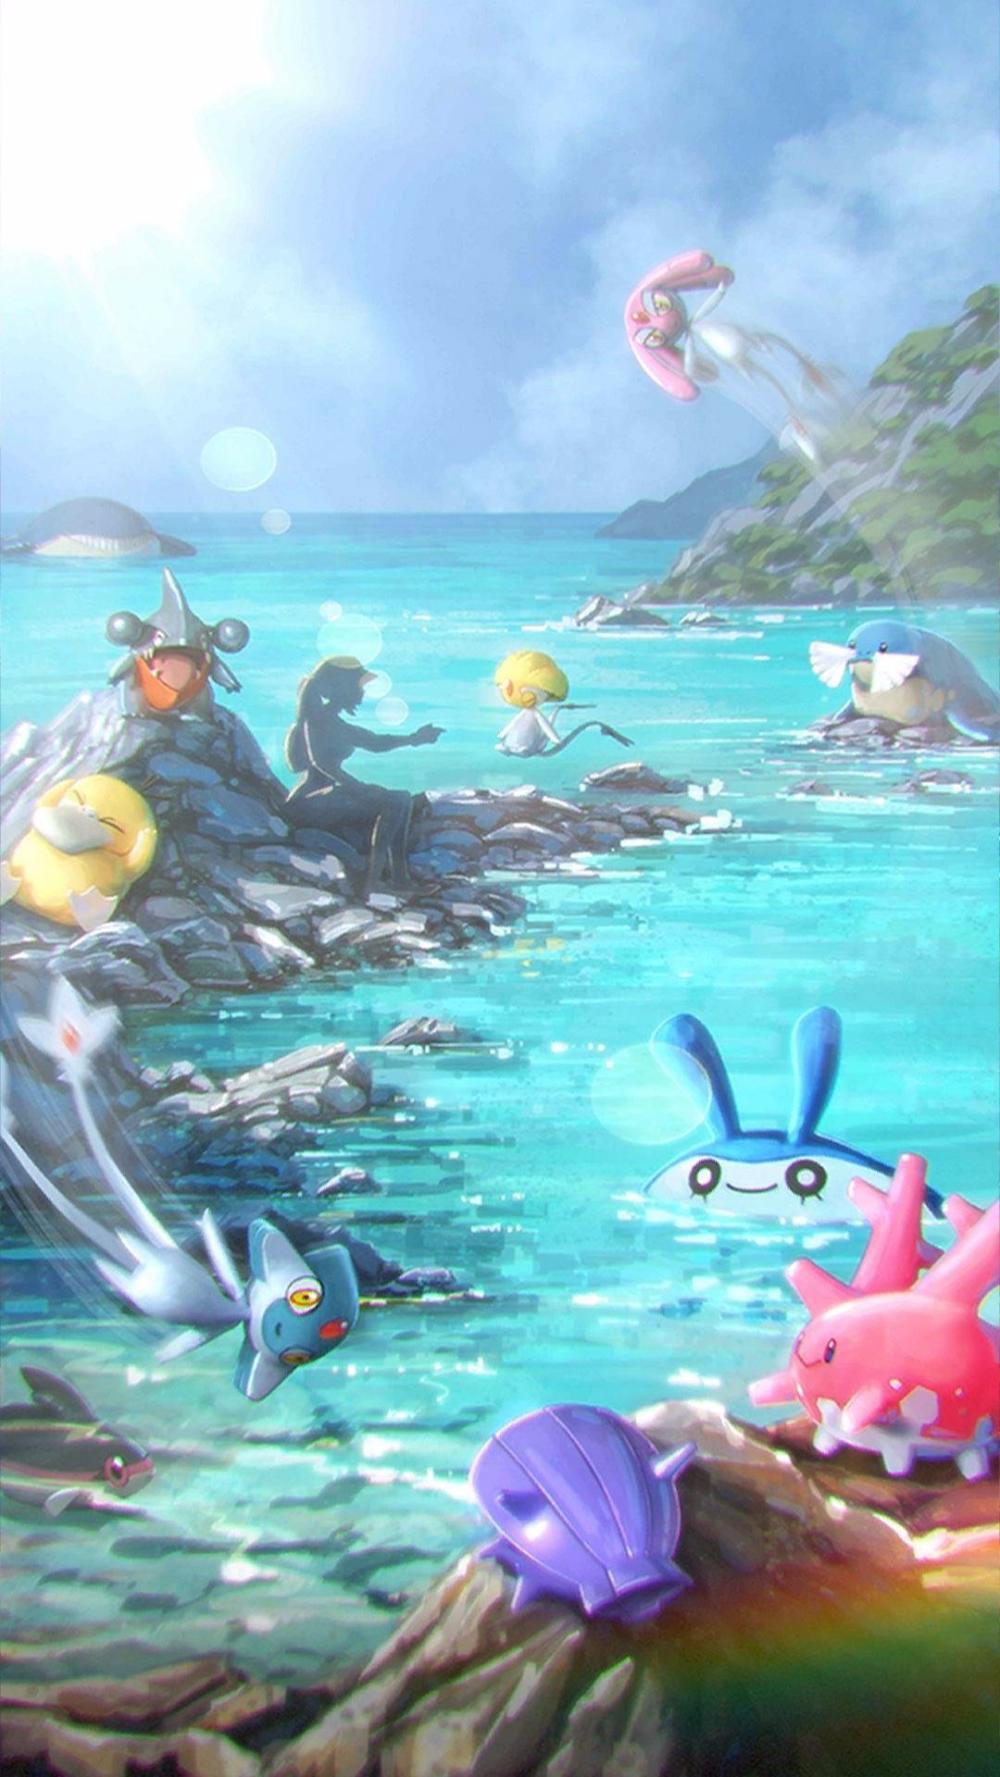 Serebii.net - Where Legends Come To Life | Cute pokemon wallpaper, Cute  pokemon pictures, Pokemon backgrounds